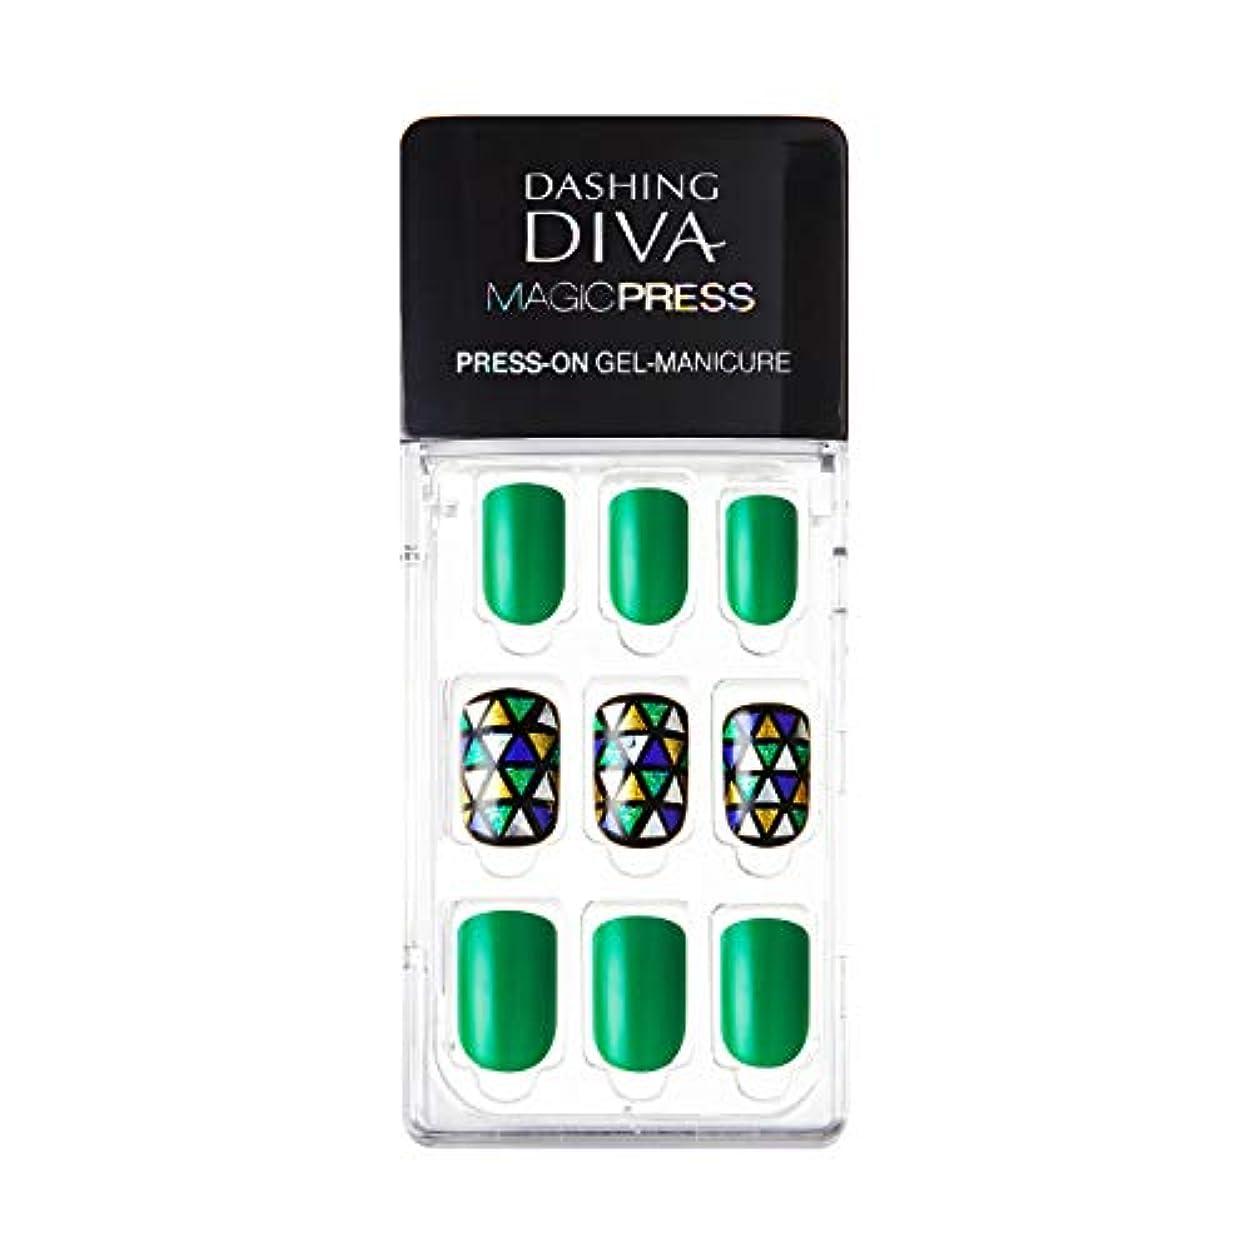 トラクター芽交通MDR115:ネイルチップ【ダッシングディバマジックプレス】DASHING DIVA MAGICPRESS PRESS-ON GEL-MANICURE 1BOX(30TIPS)-DURY+